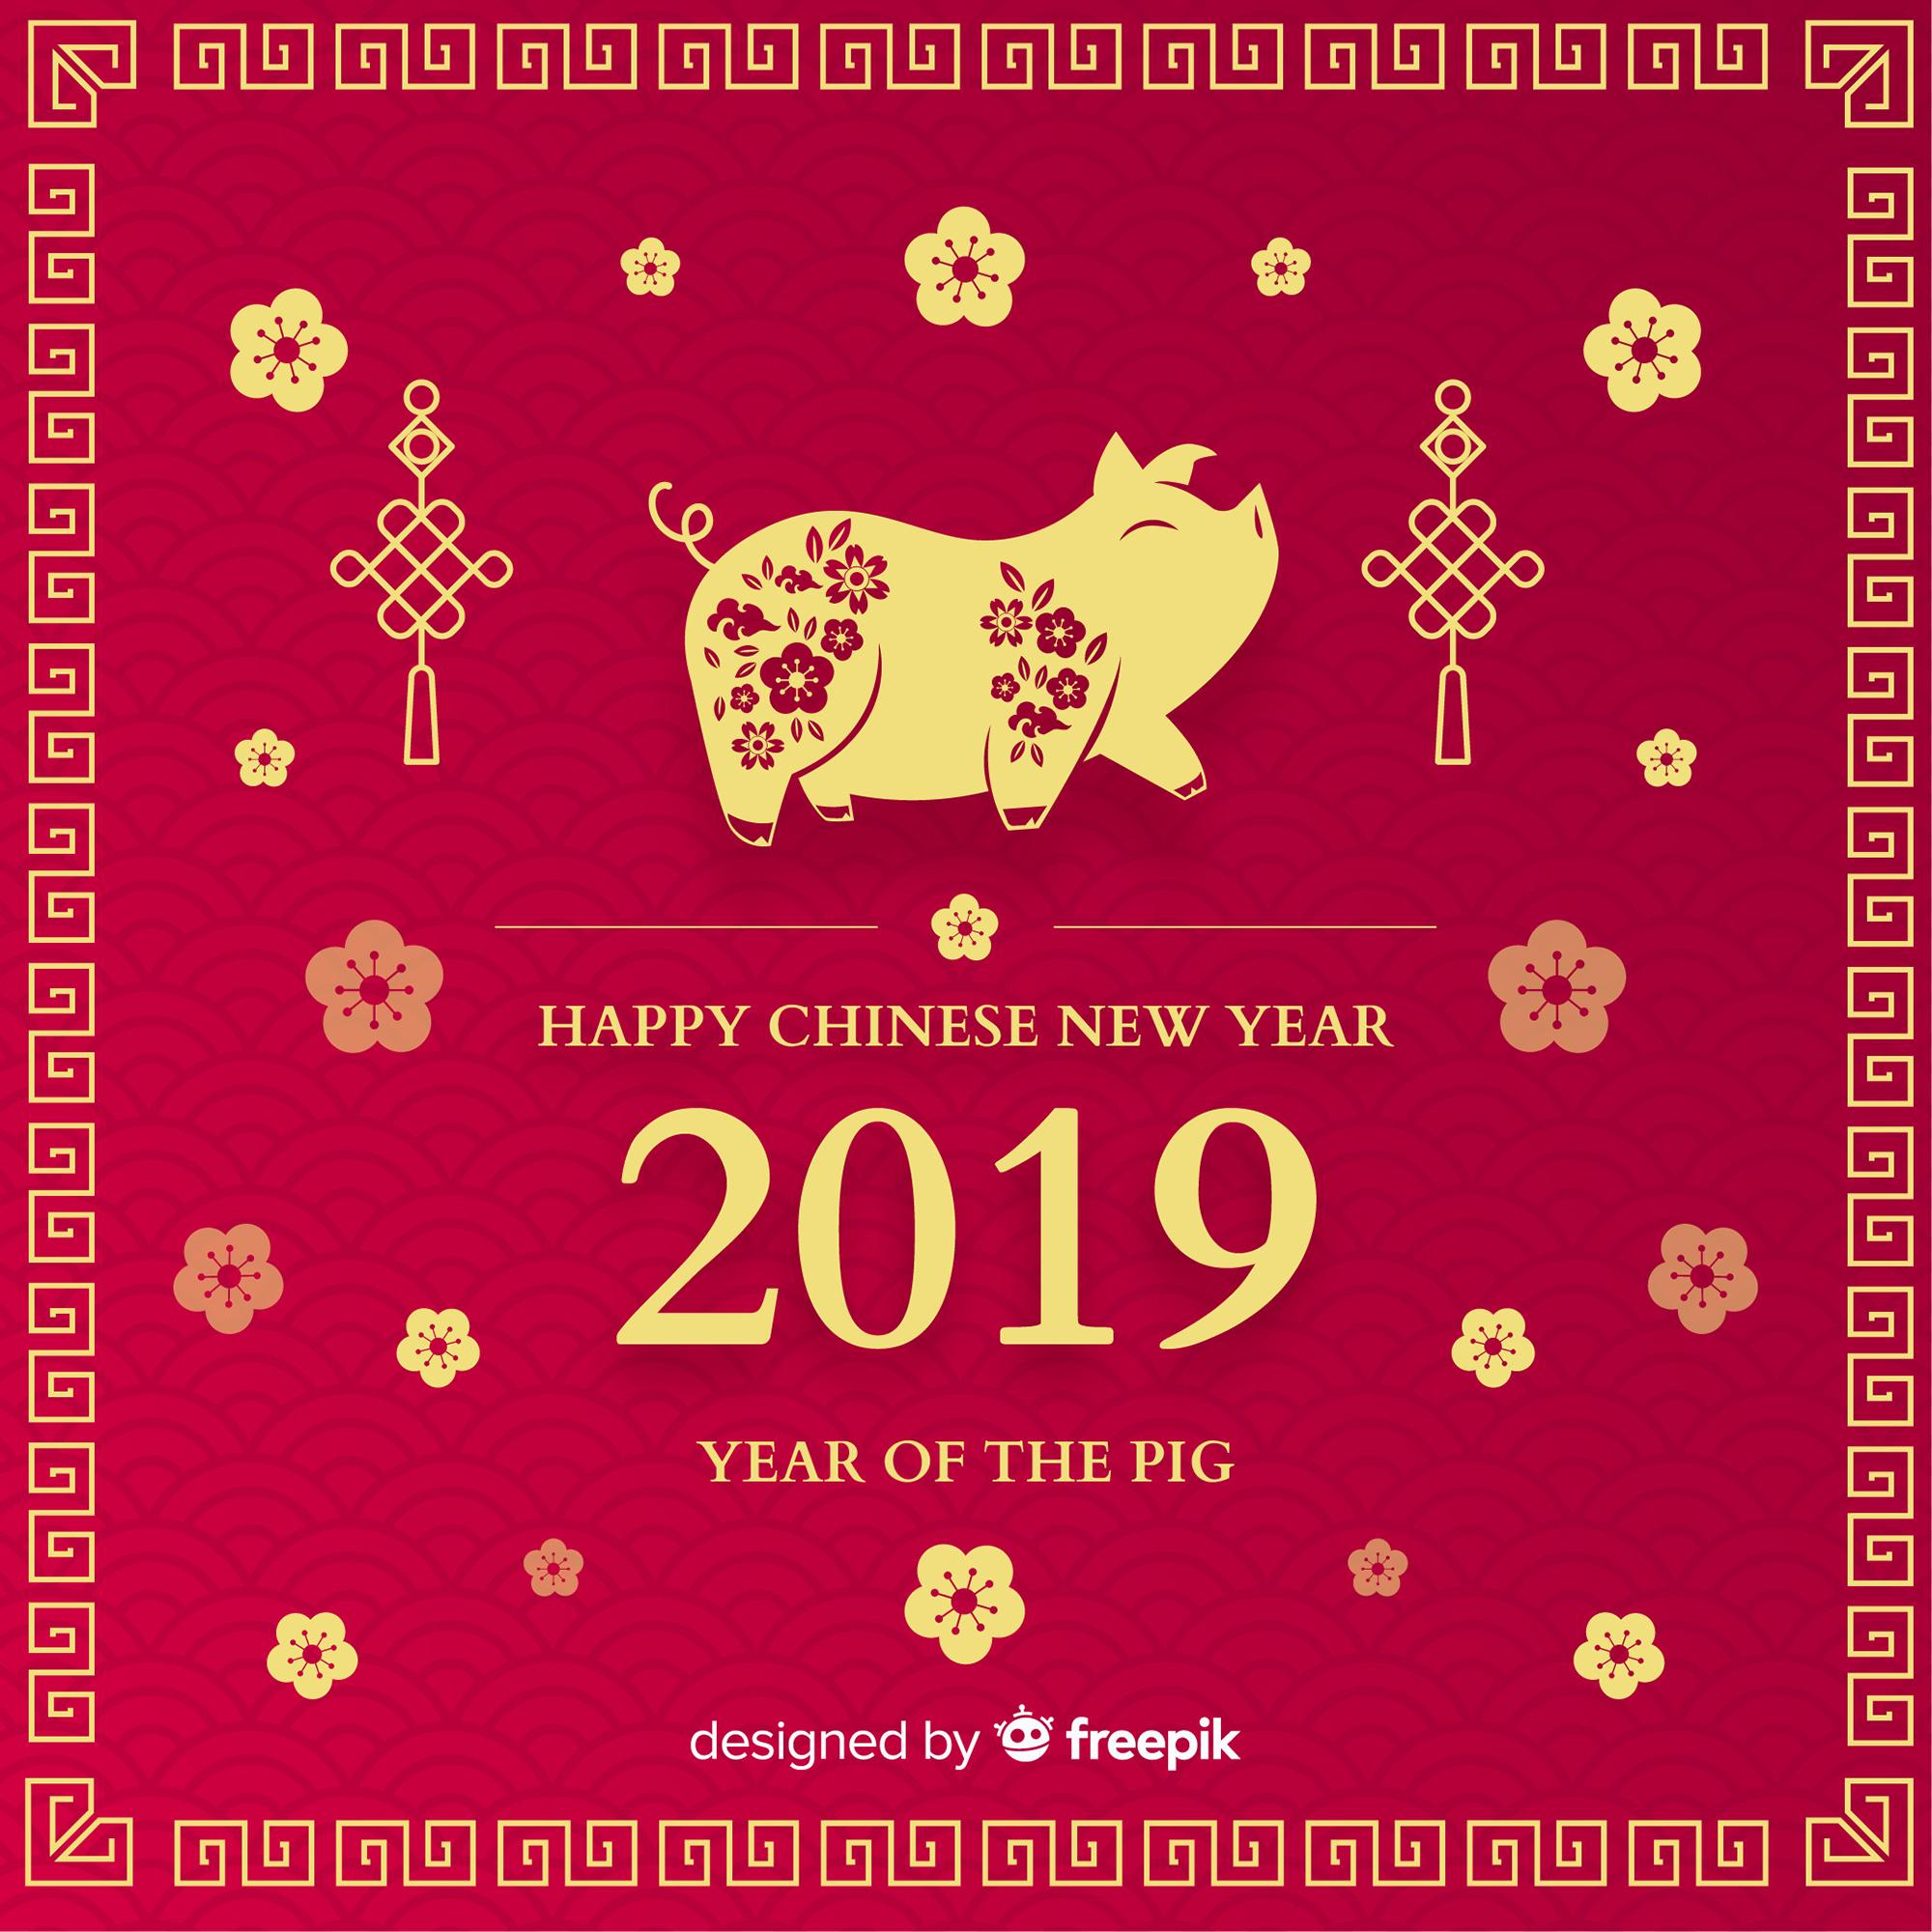 猪年(己亥年)矢量创意图形矢量素材模板 Pig Year (Hai Haiian) Vector Creative Graphic Vector Material Template [EPS]插图(6)